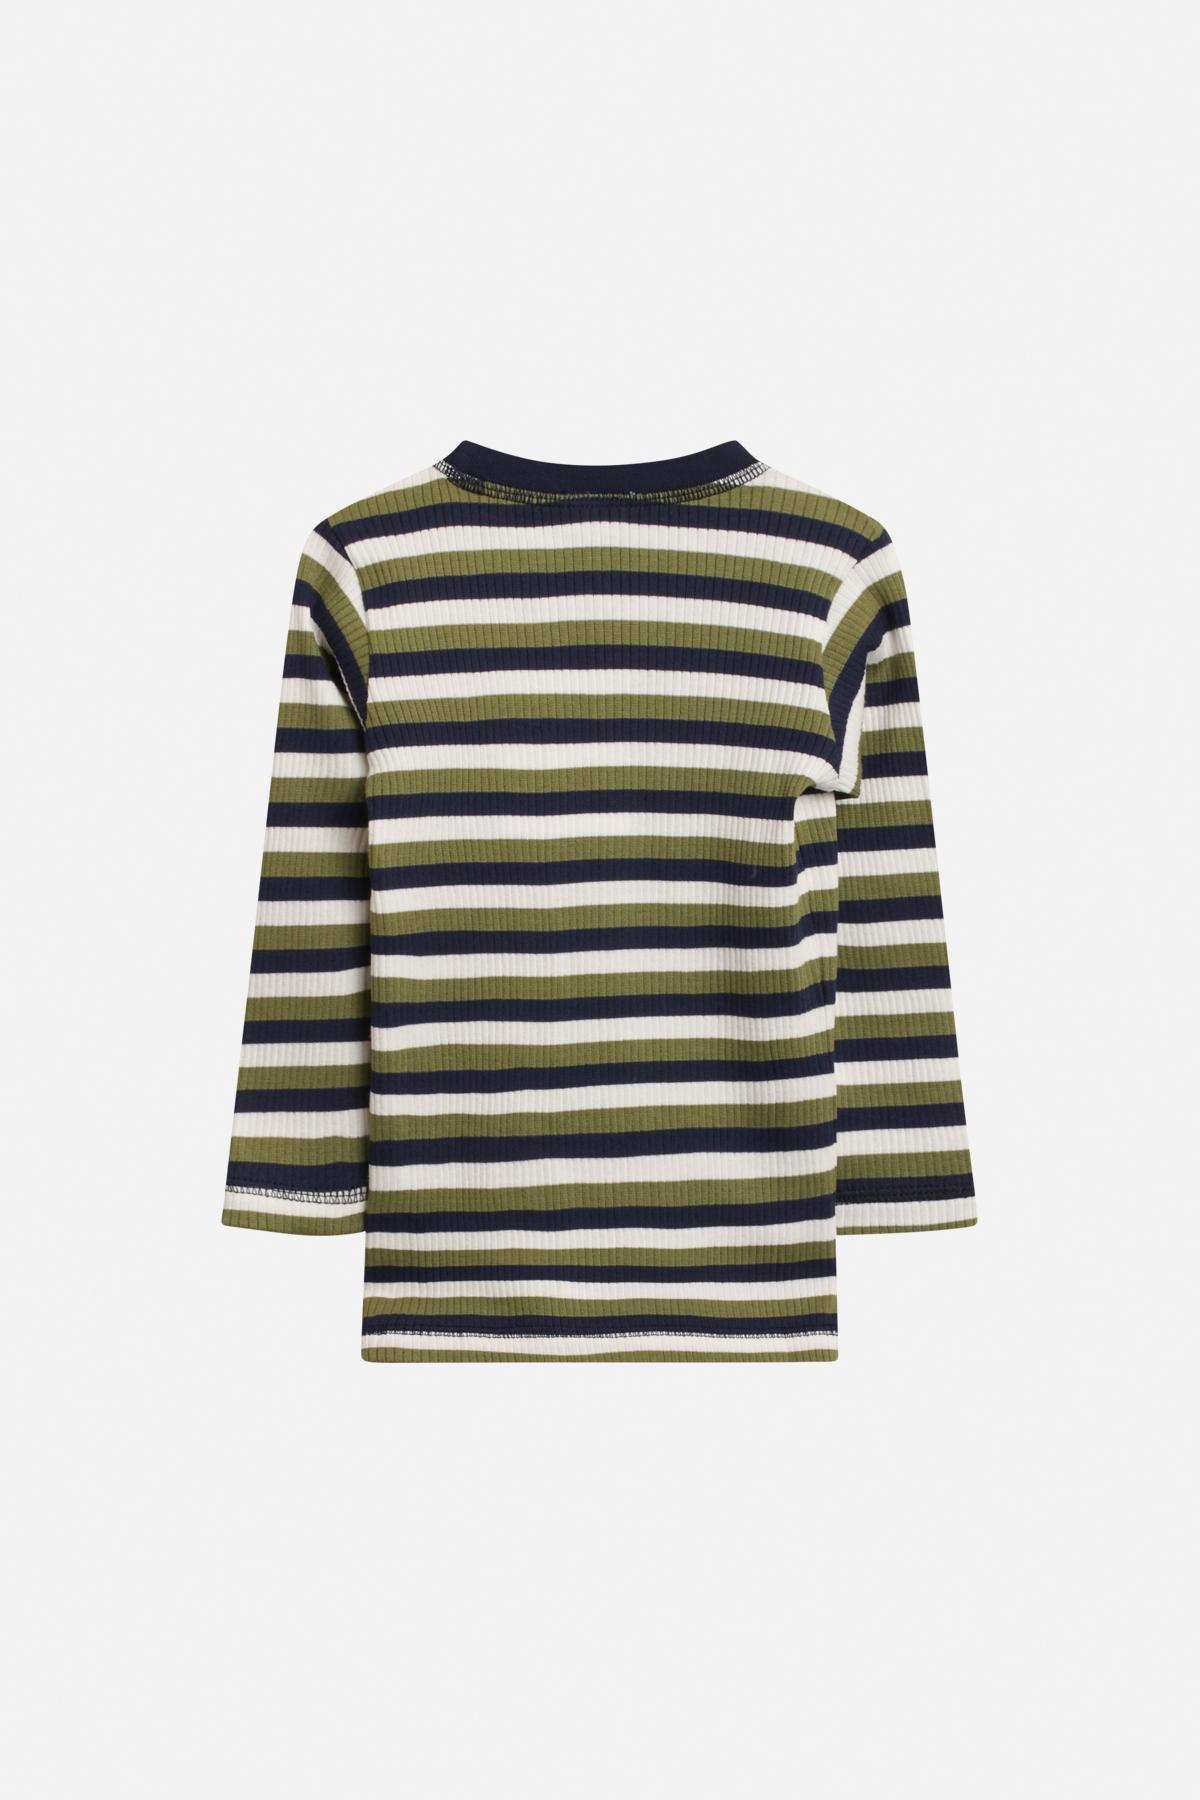 Uni - Asp - T-shirt l/s